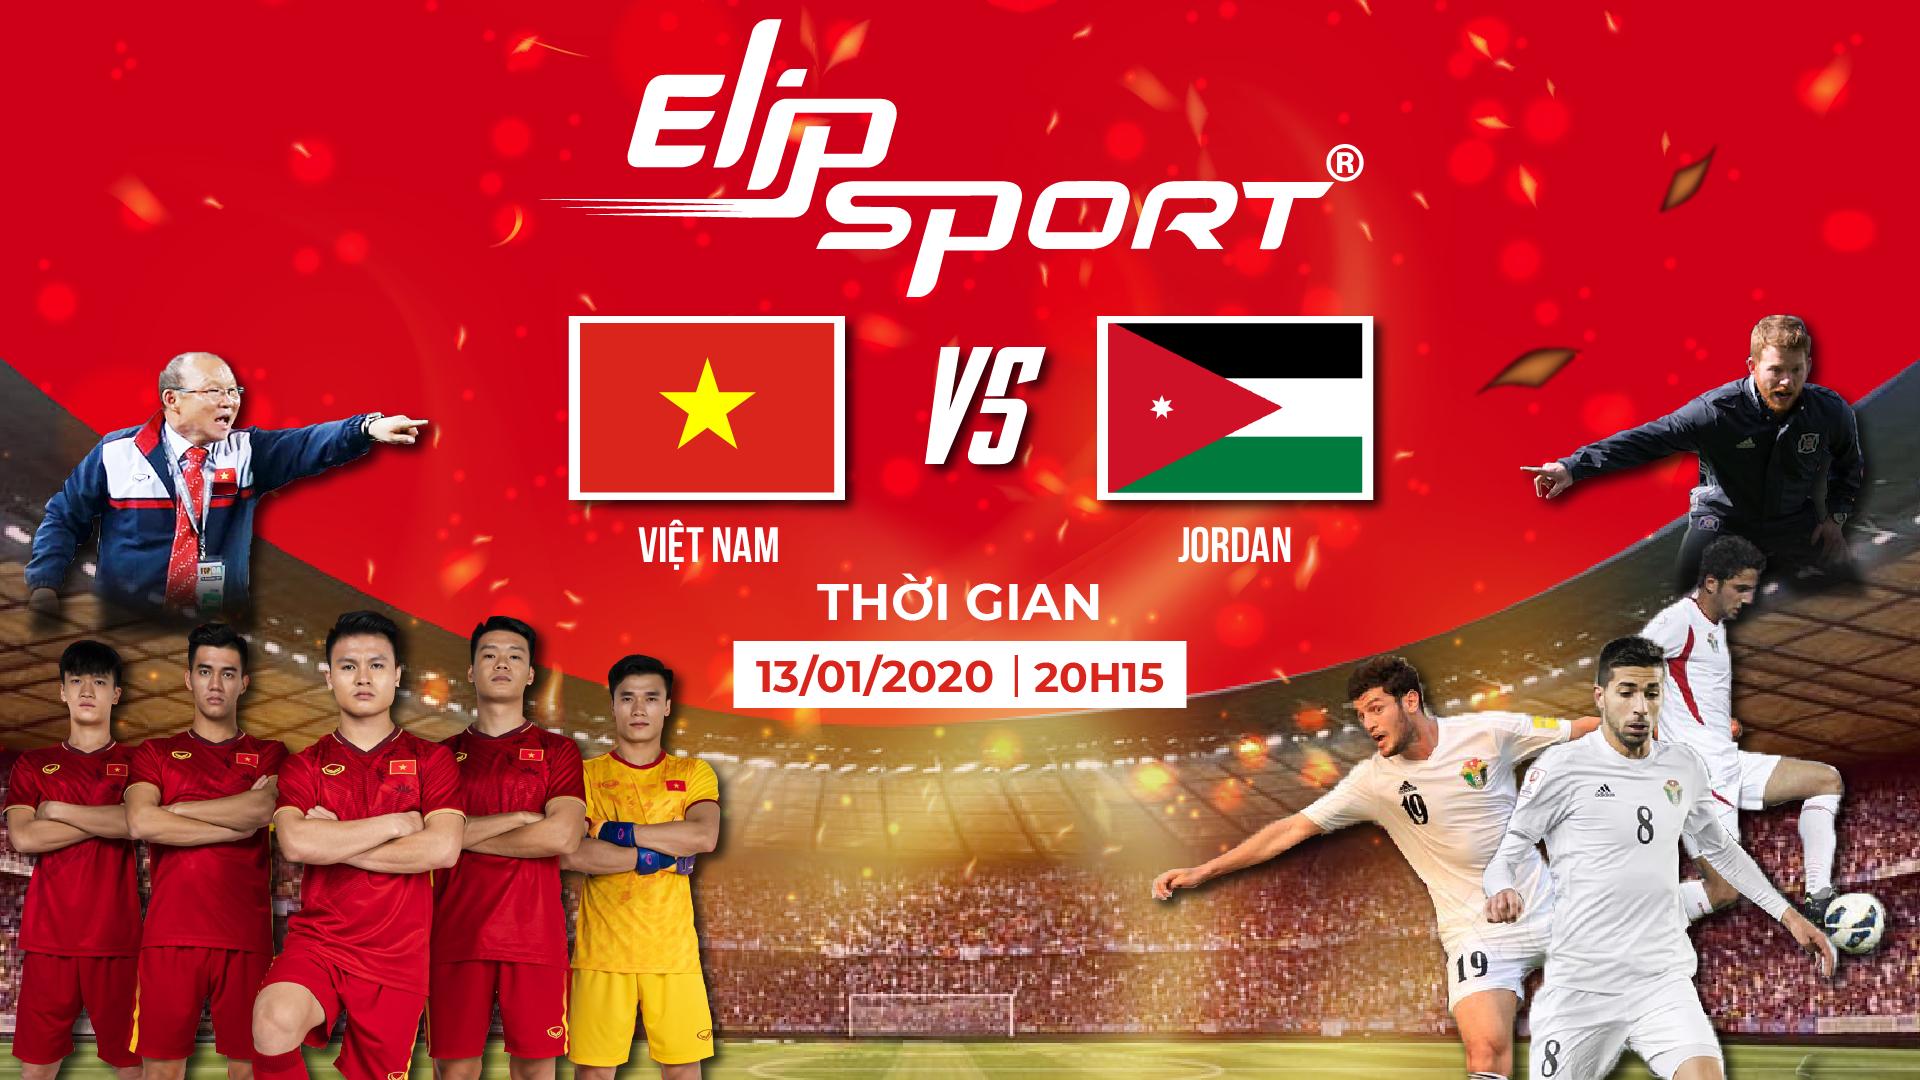 U23 Việt Nam nhận tin khẩn từ Elipsport trước trận quyết định gặp U23 Jordan